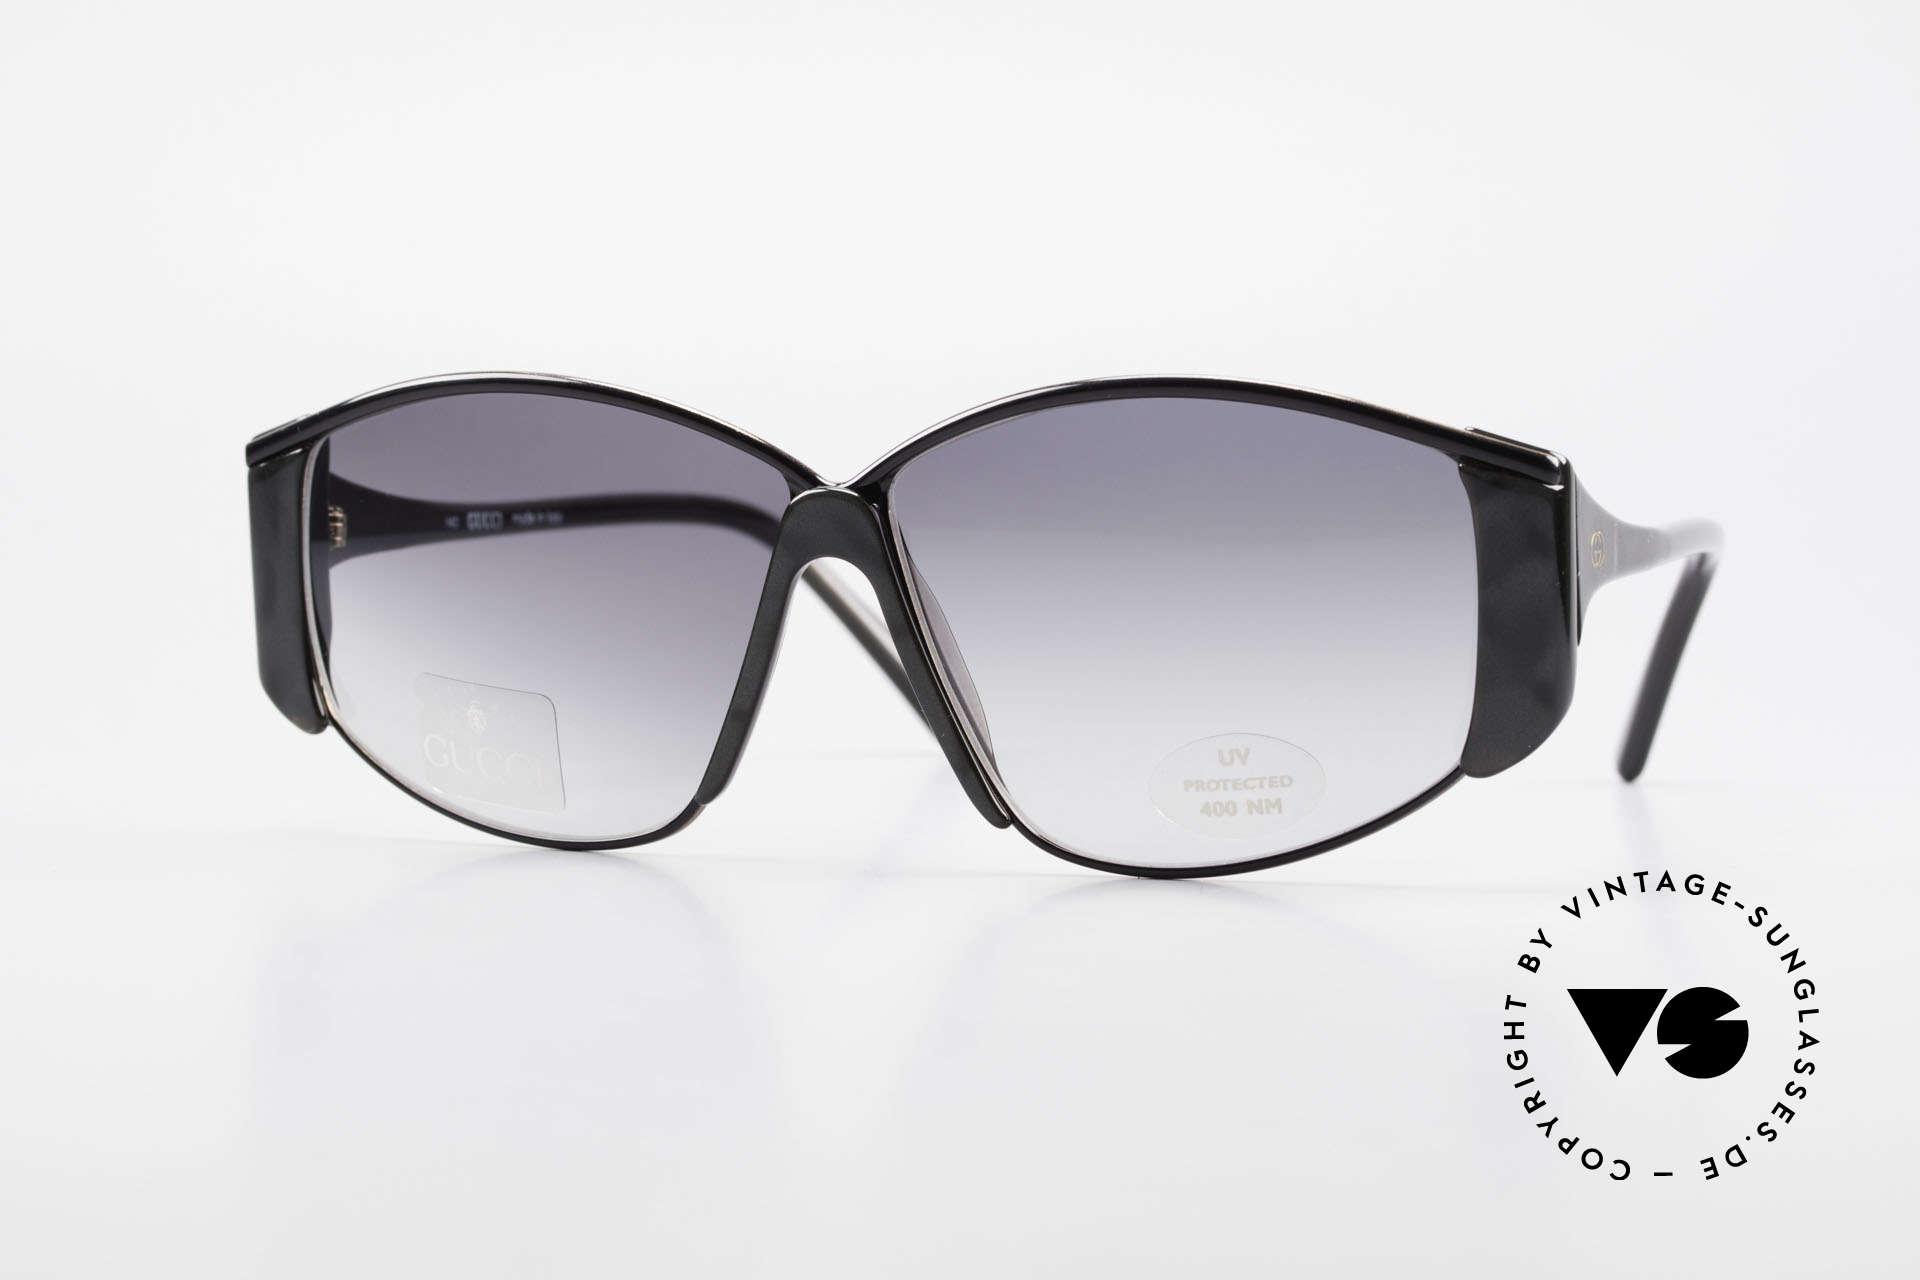 Gucci 2308 80er Damen Vintage XL Brille, aufregende vintage Oversize Sonnenbrille von Gucci, Passend für Damen